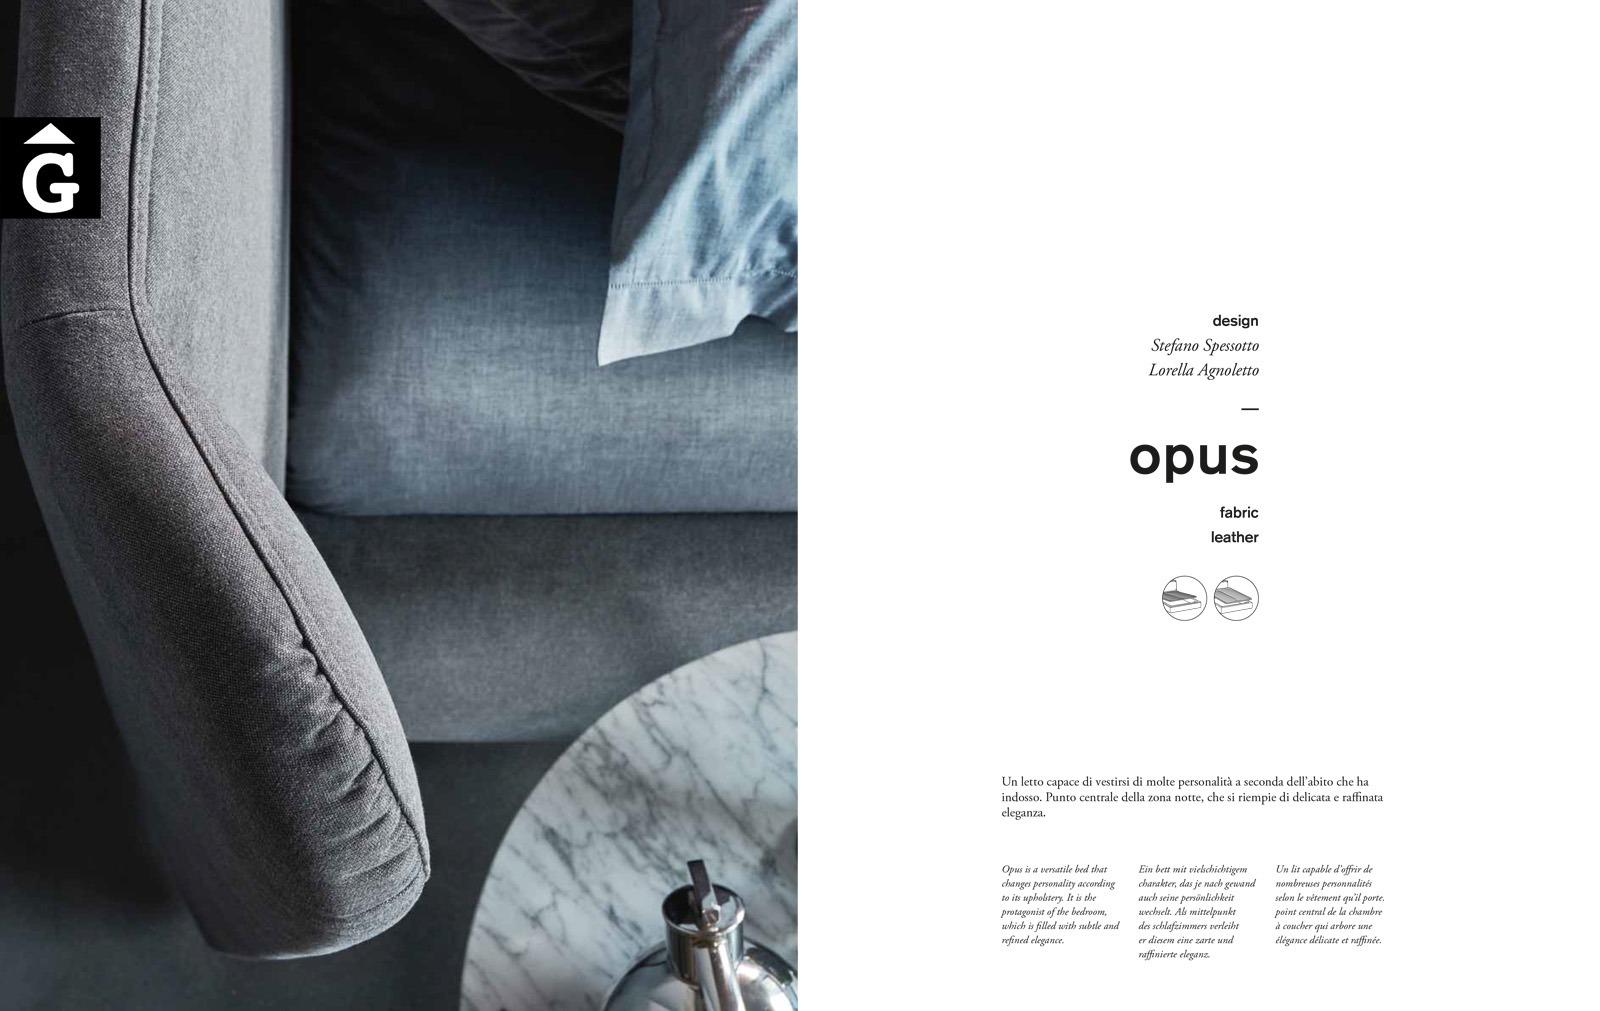 Opus detall capçal – Ditre Italia llits entapissats disseny i qualitat alta by mobles Gifreu